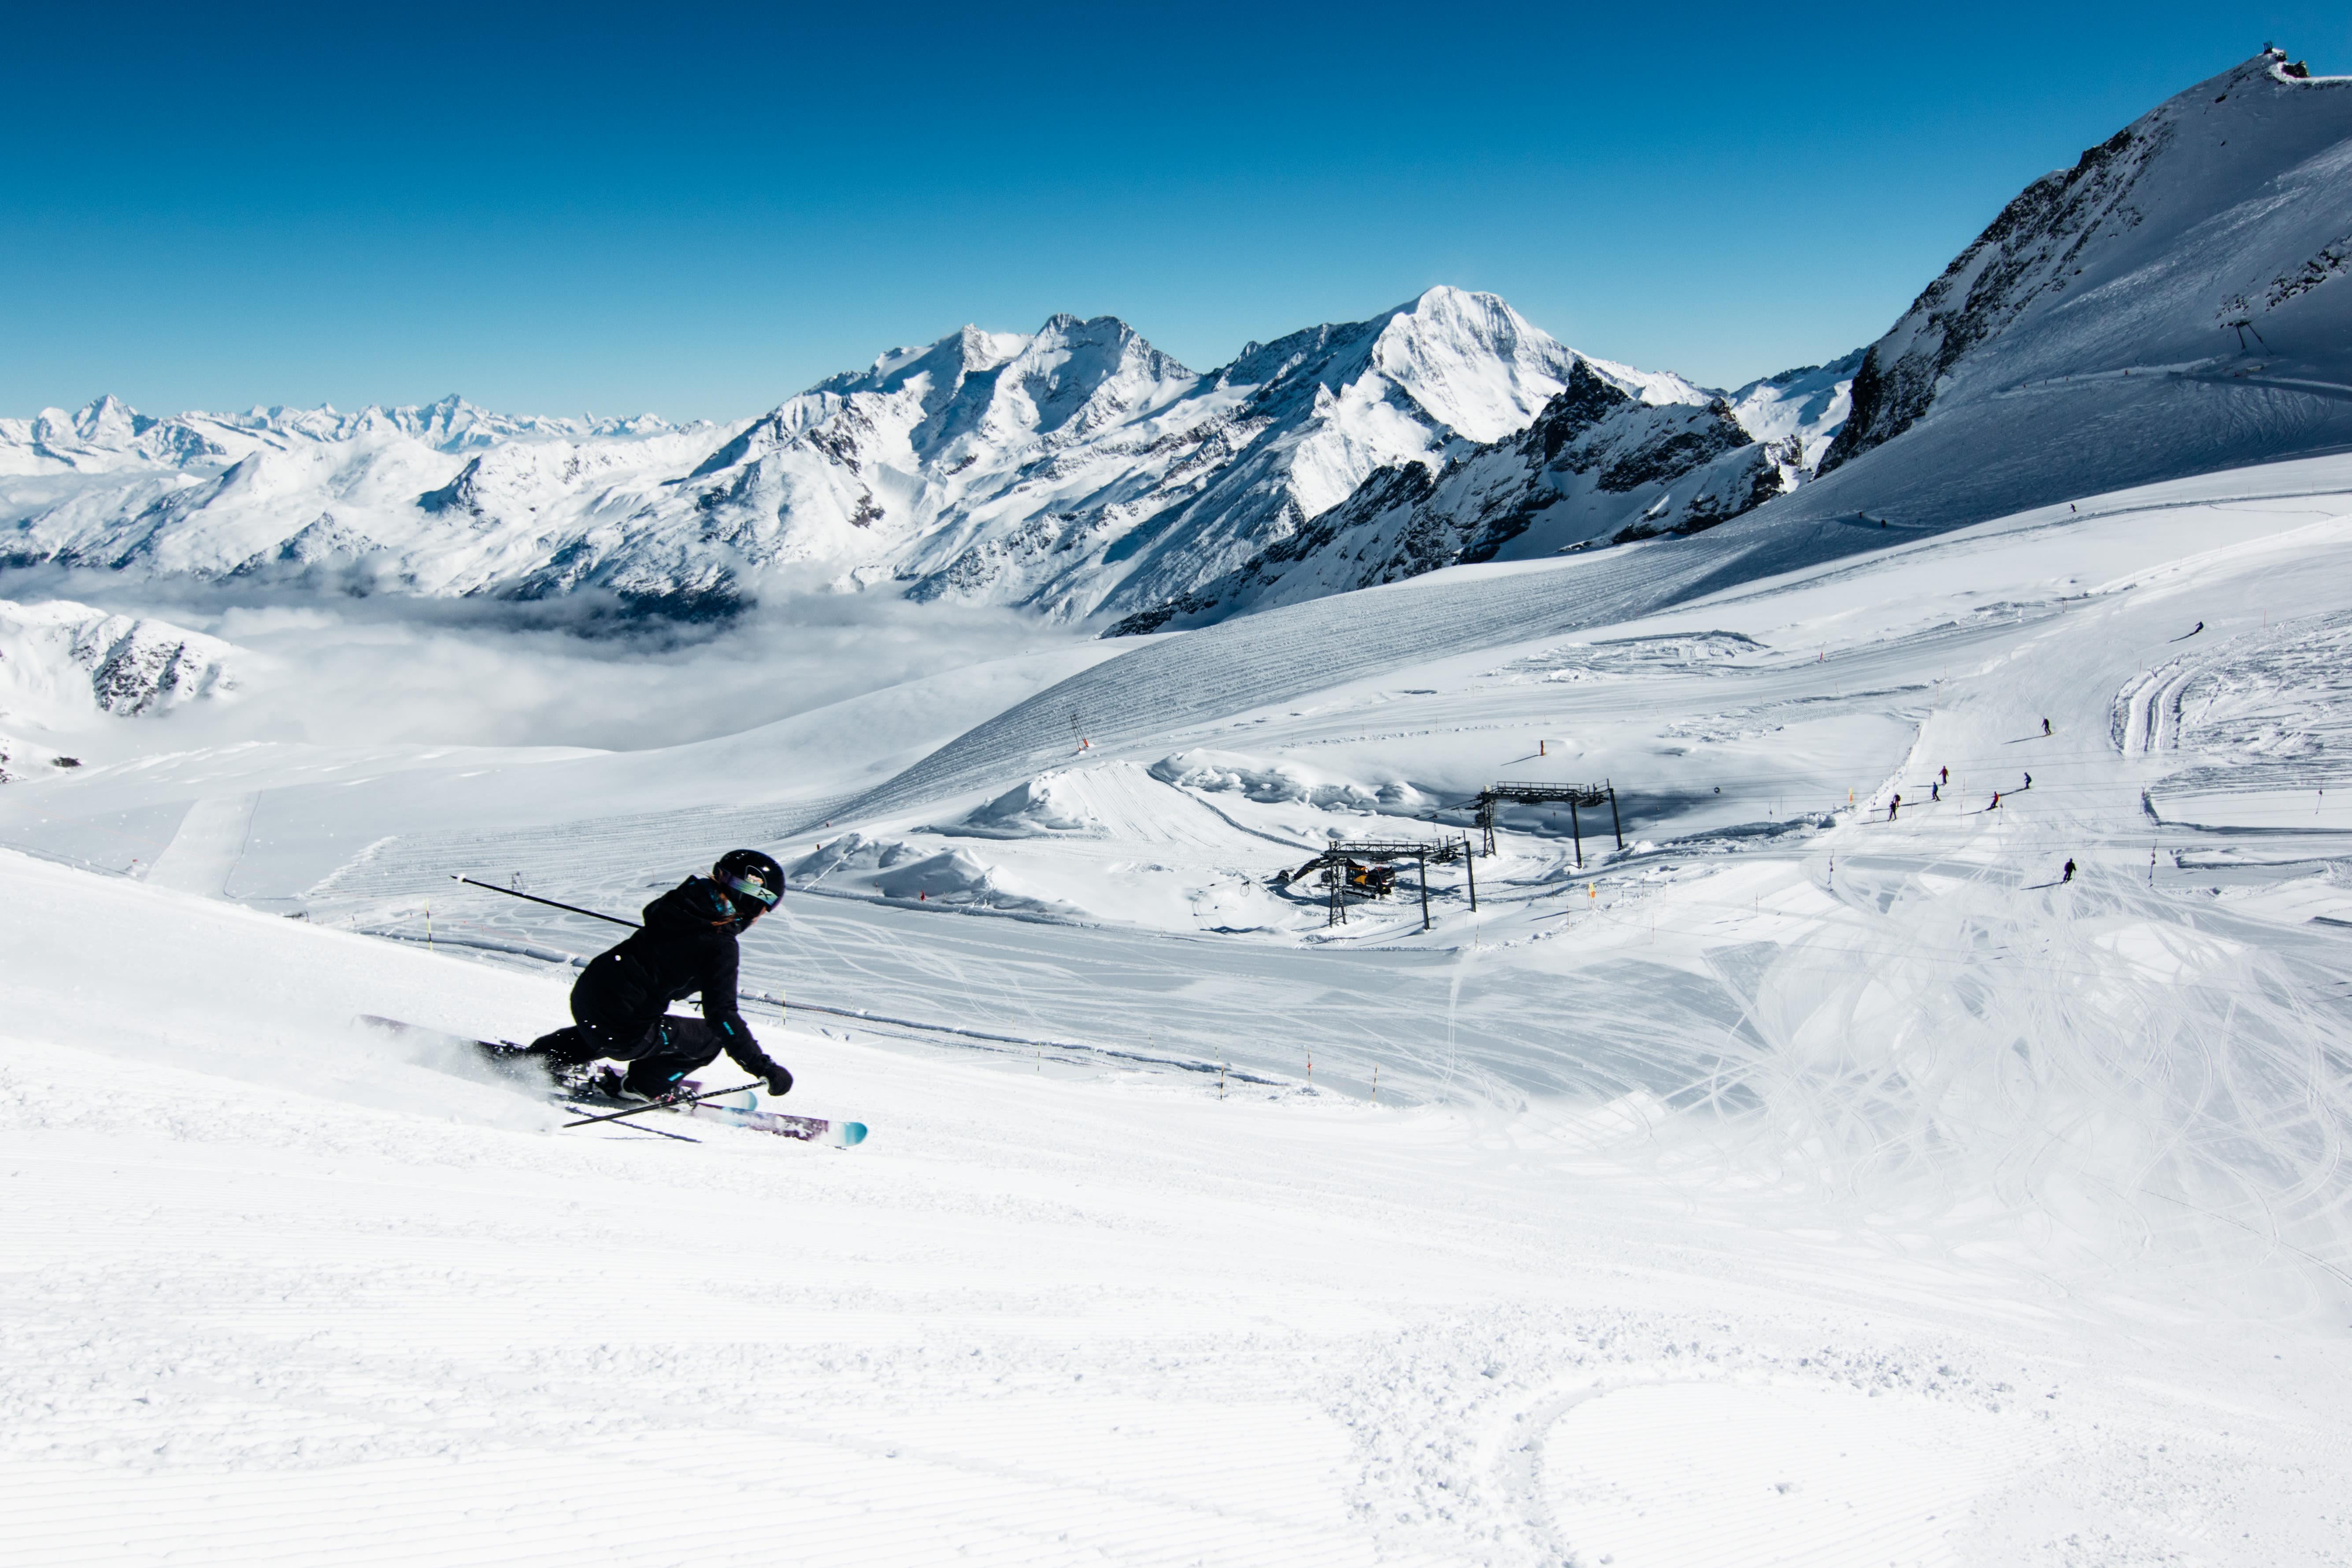 Schneesportschulen